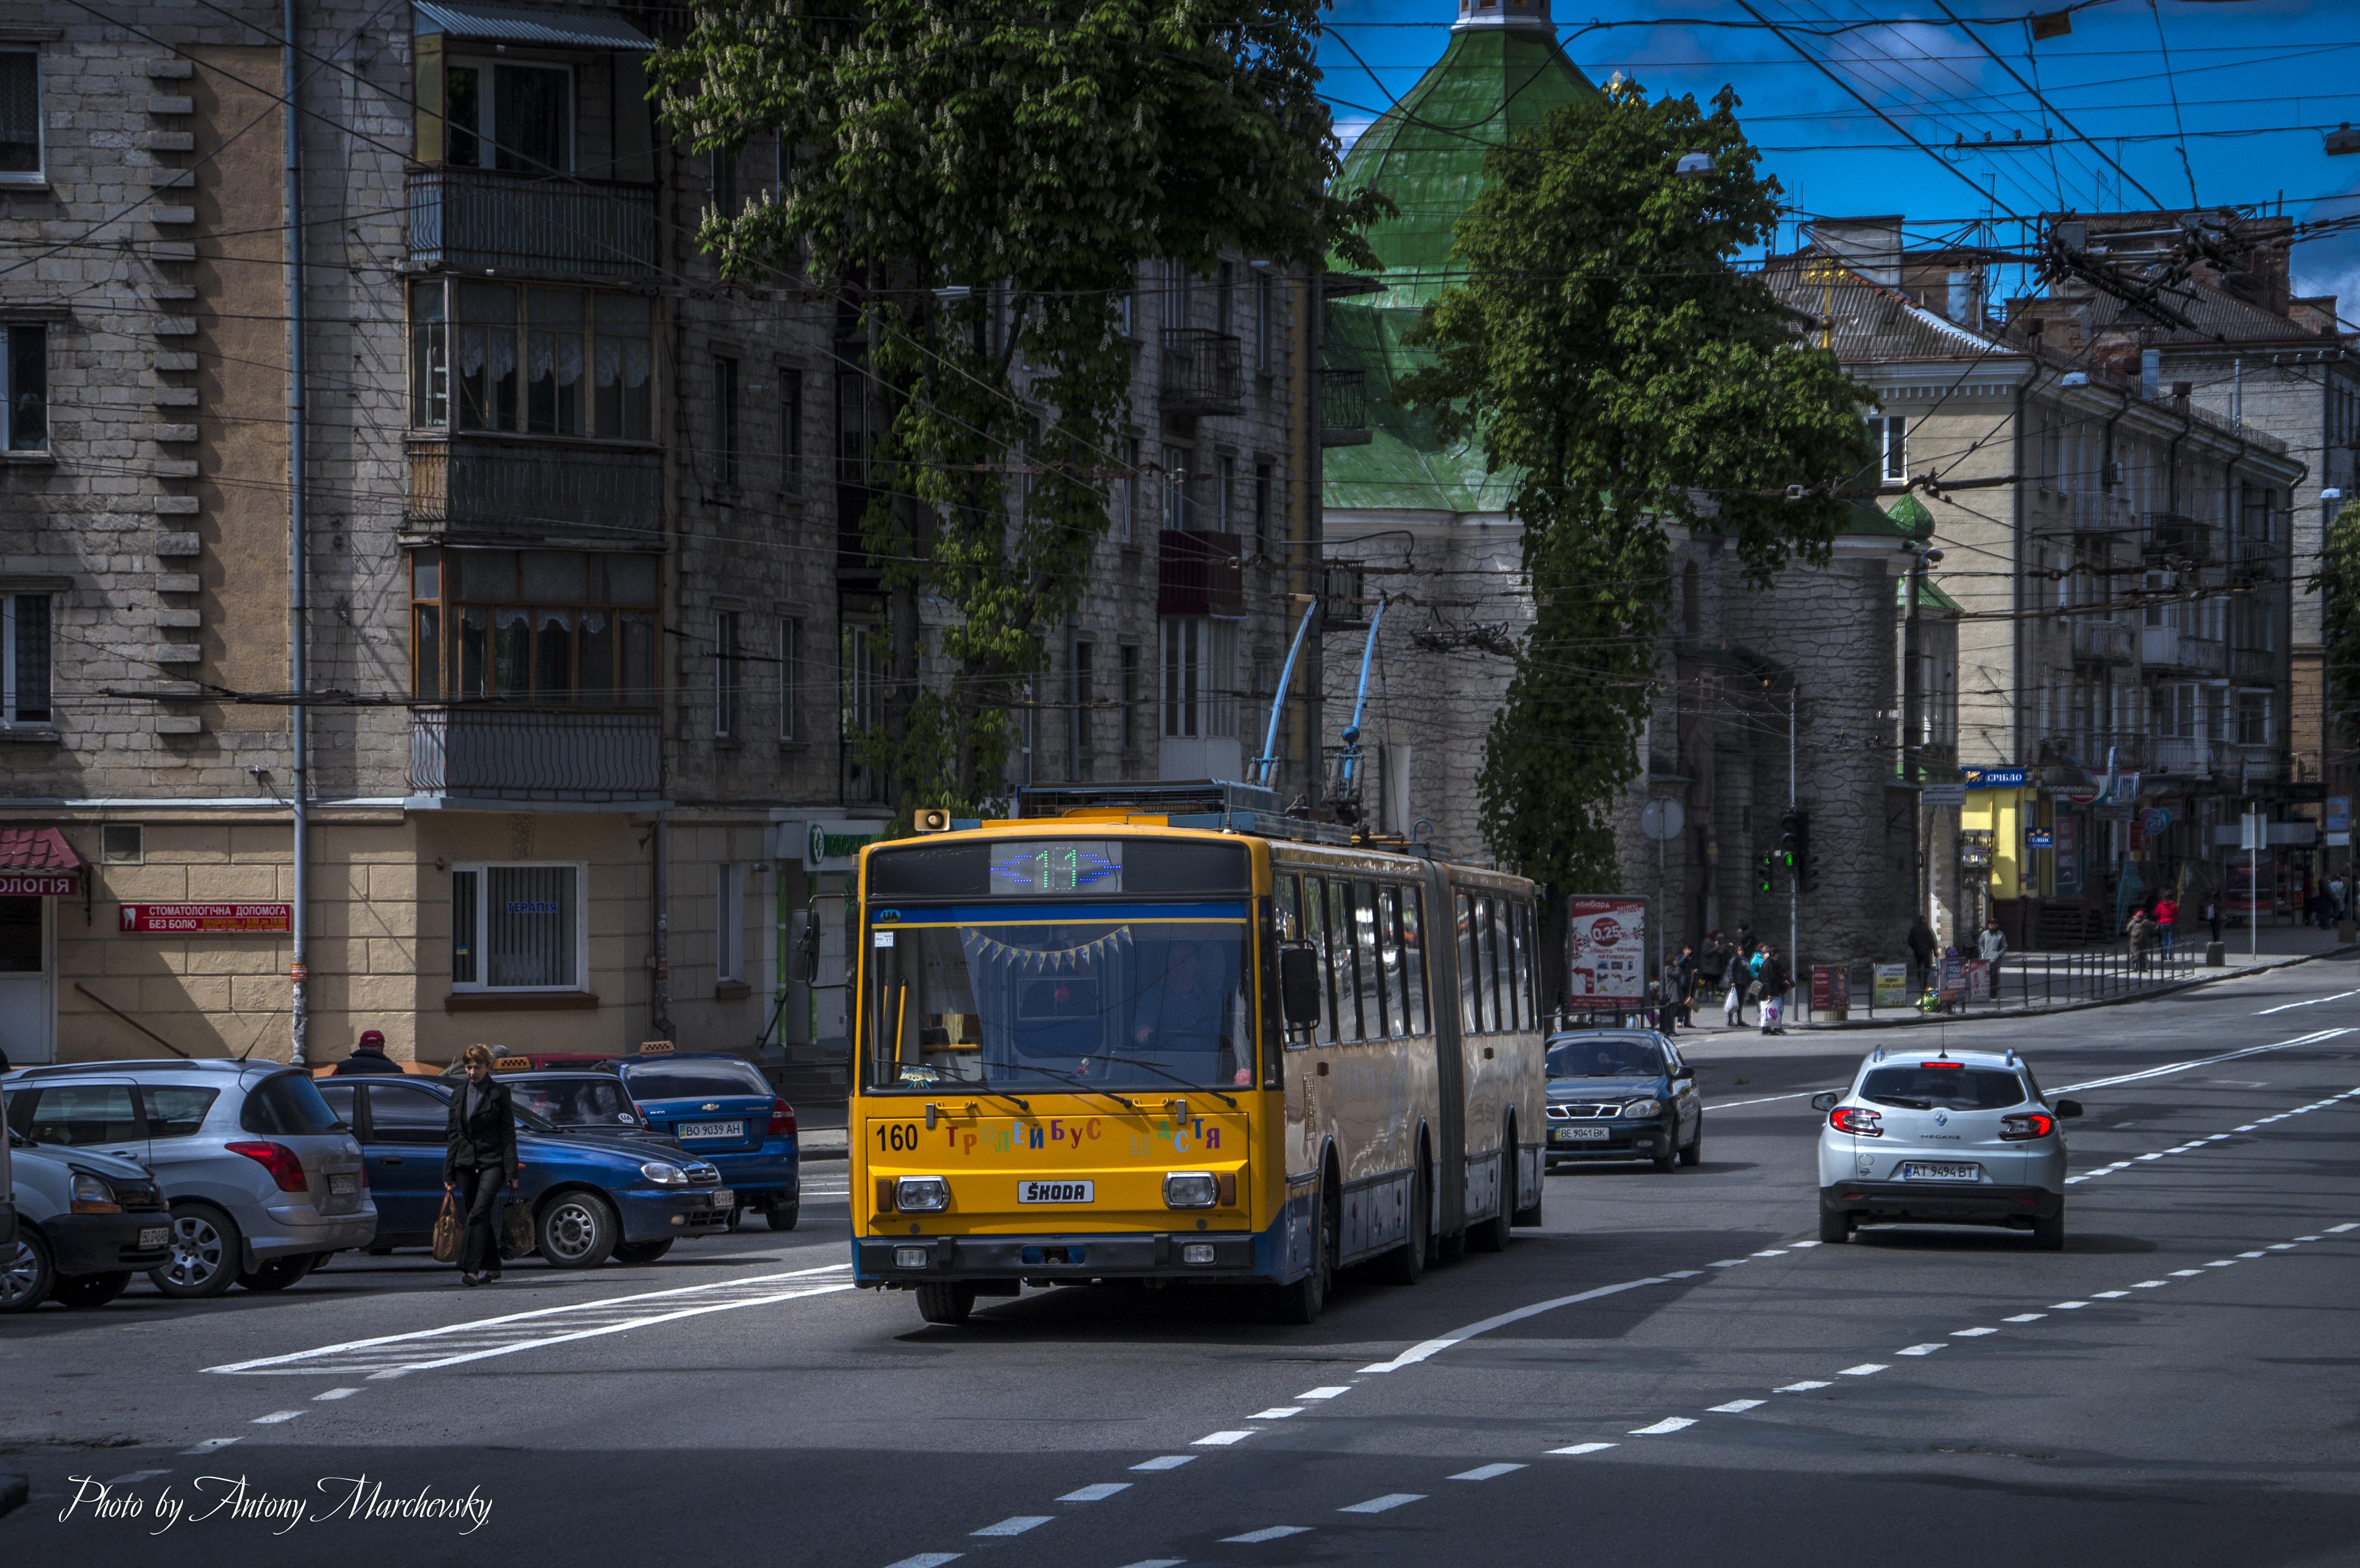 До уваги пасажирів! 20-22 травня у Тернополі тролейбуси курсуватимуть за іншими маршрутами